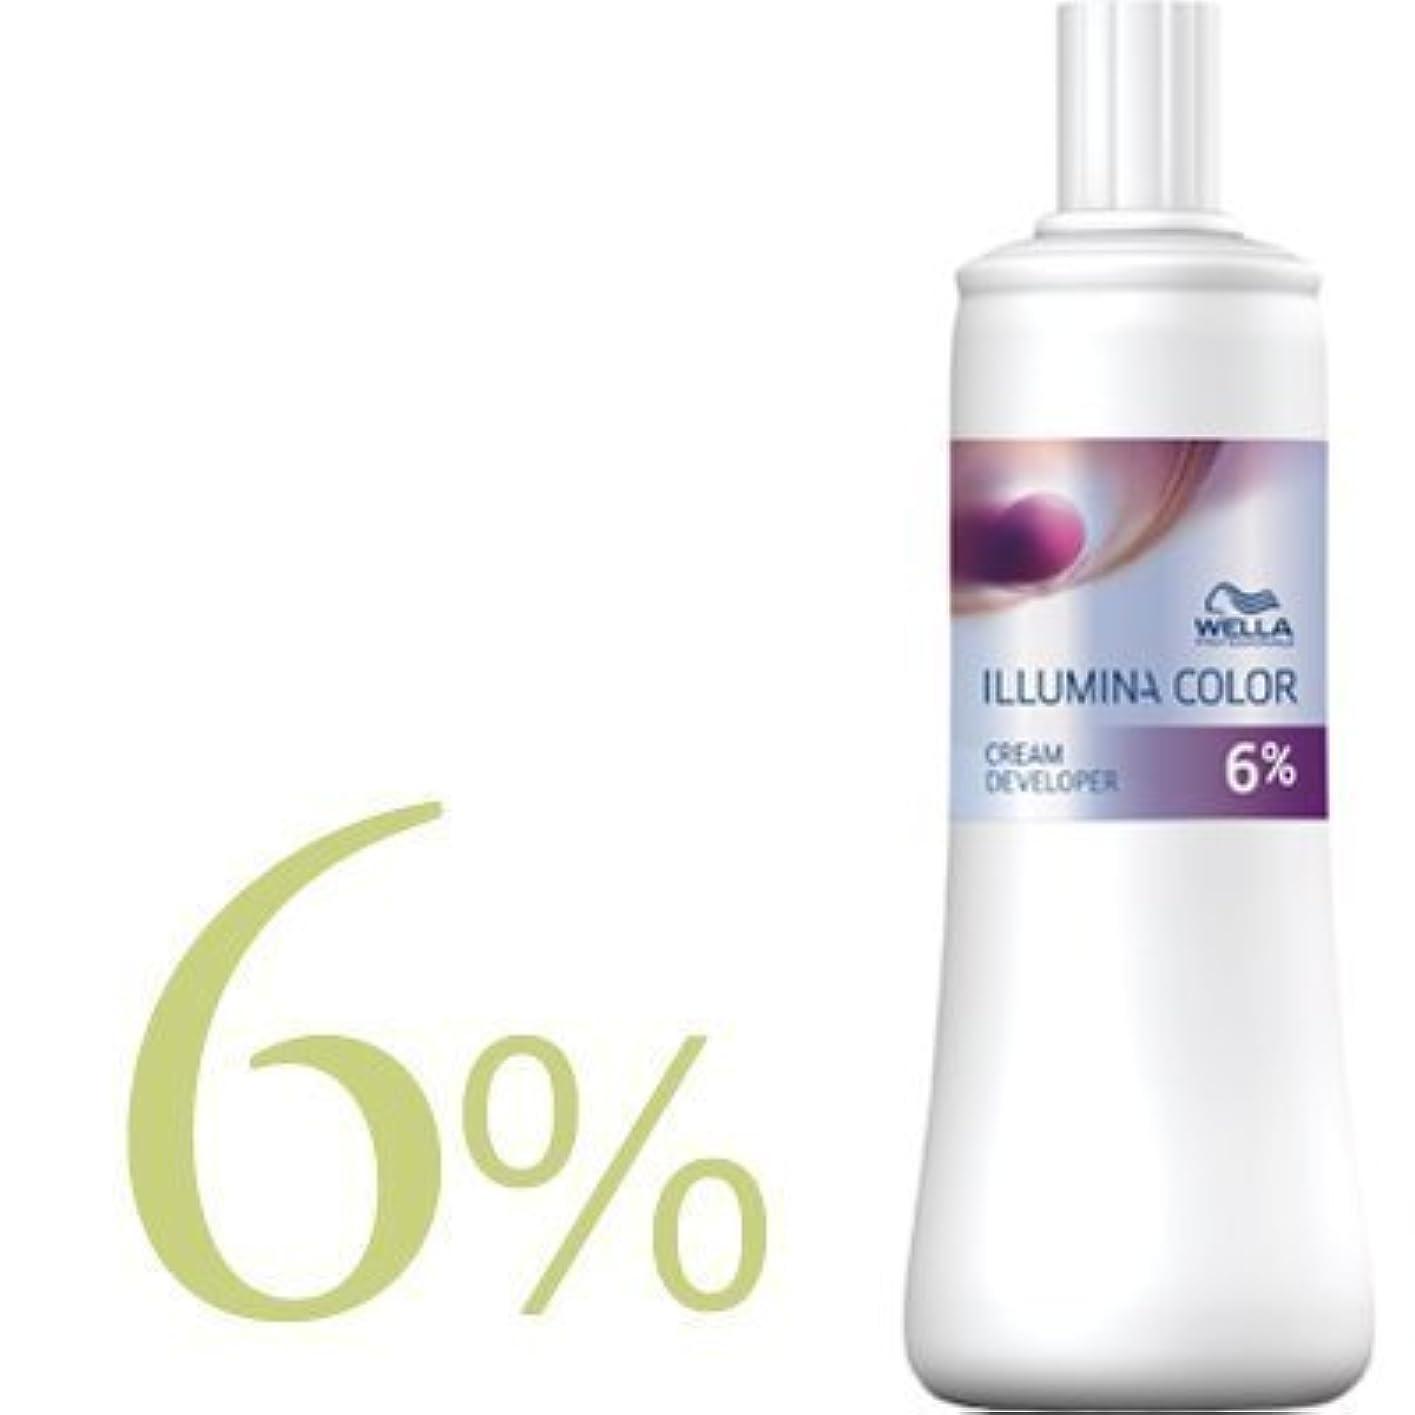 まさにアイザックヒープウエラ イルミナカラー クリームディベロッパー 2剤 1000ml 【WELLA】(6%)